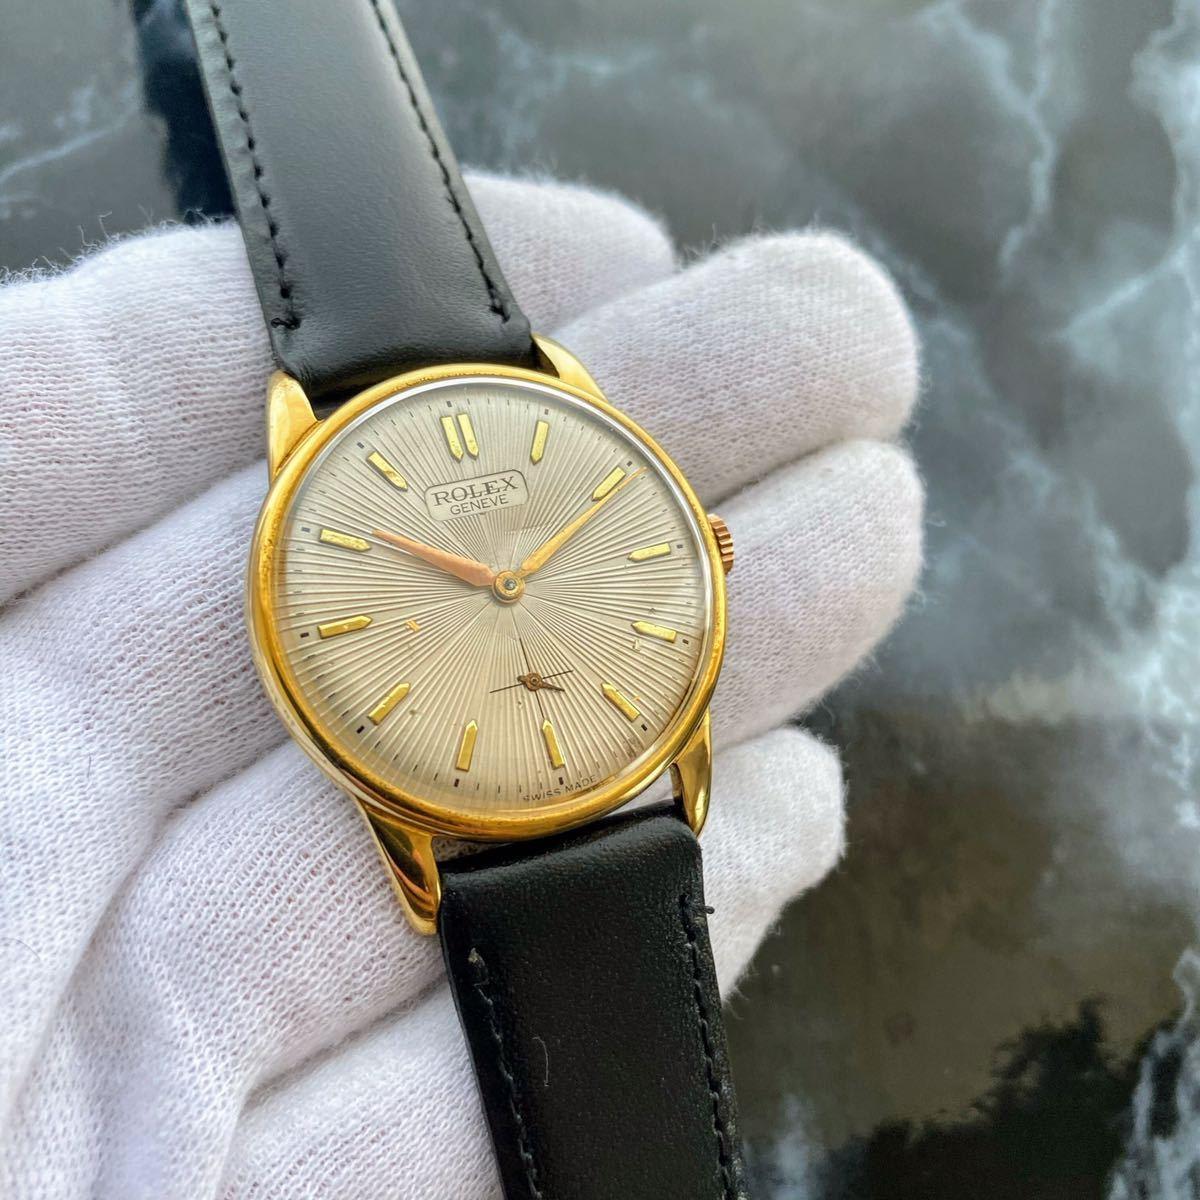 激レア【OH済】ロレックス ■ ROLEX ジュネーブ 14KGP 1950年代 アンティーク 中古 メンズ 手巻き 機械式腕時計 ビンテージ 美品 レア_画像7